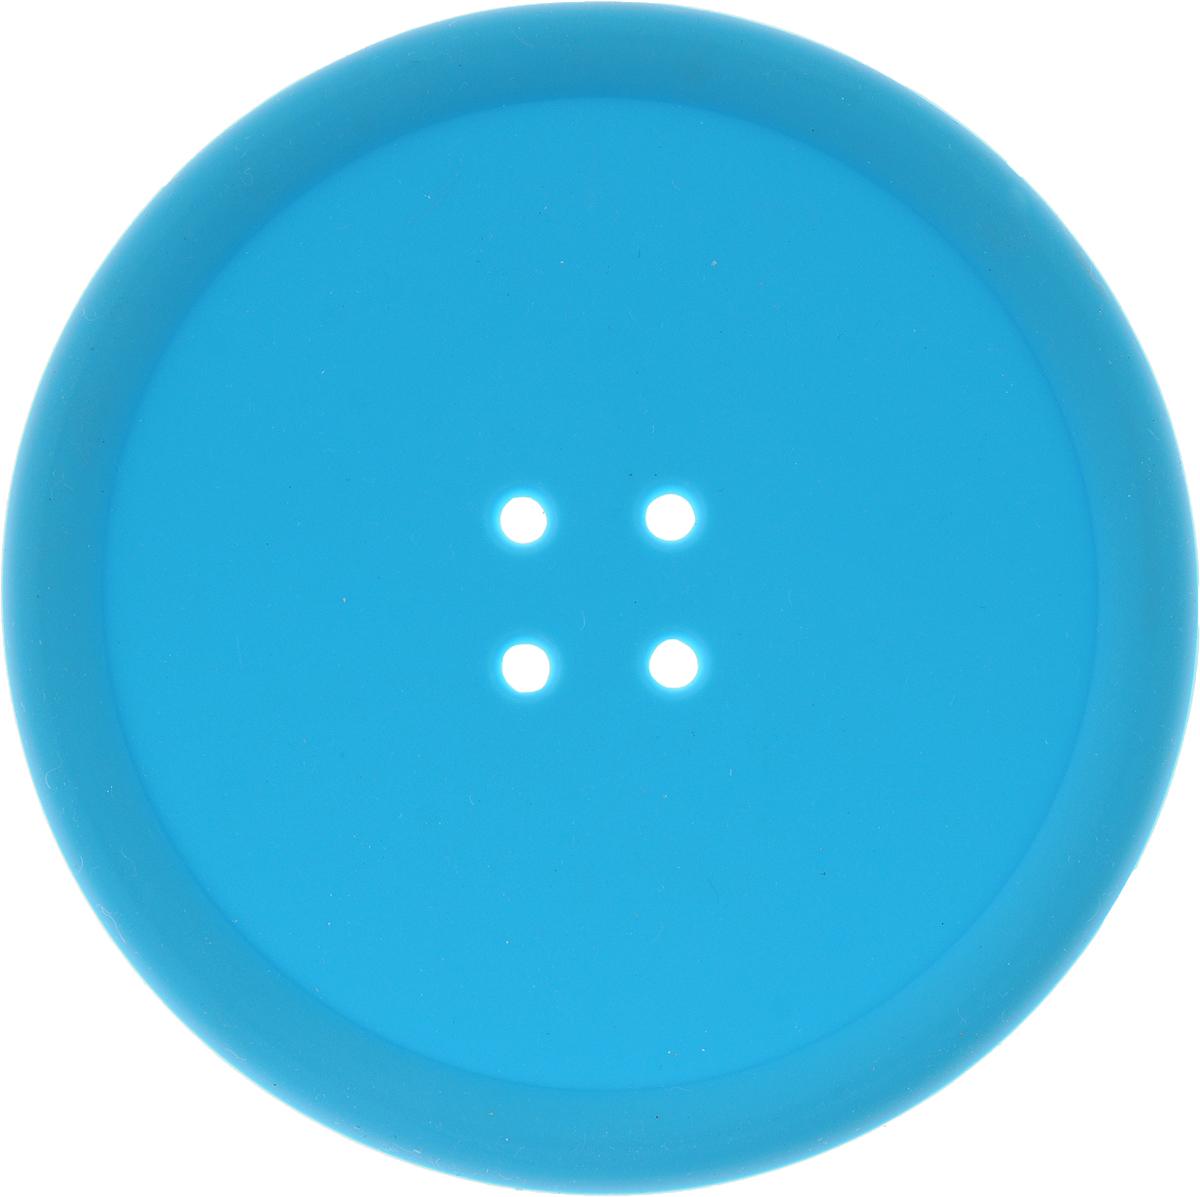 Подставка термостойкая Marmiton Пуговка, цвет: голубой, диаметр 10 см16176Термостойкая подставка Marmiton Пуговка выполнена из силикона в виде пуговки. Изделие предназначено для защиты мебели от воздействия высоких температур. Также можно использовать в качестве прихватки. Материал устойчив к фруктовым кислотам, к воздействию низких и высоких температур. Не воздействует с продуктами питания и не впитывает запахи. Обладает естественным антипригарным свойством. Можно мыть и сушить в посудомоечной машине.